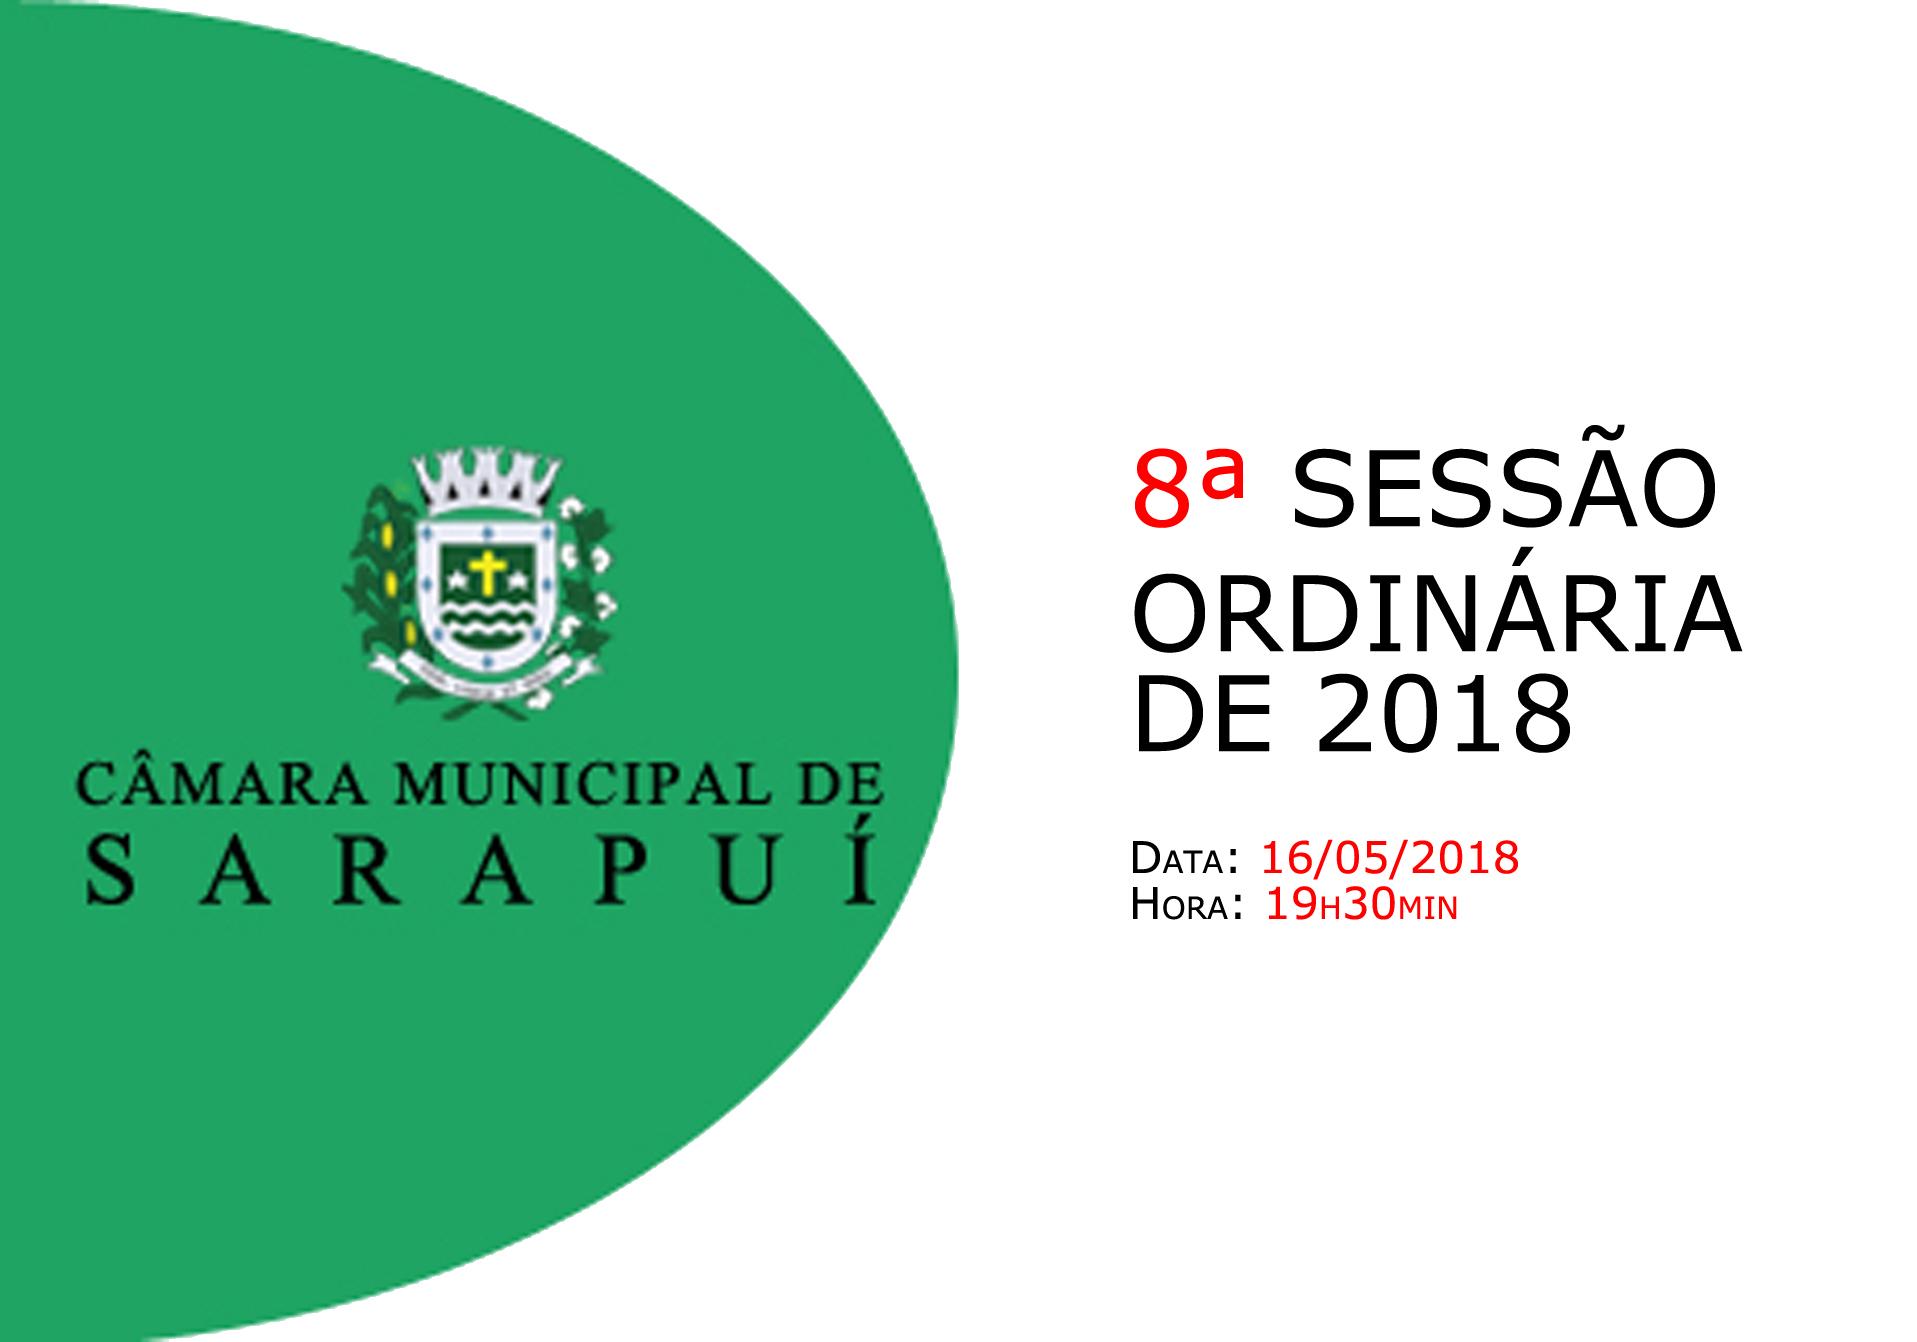 Pauta da 8ª sessão ordinária de 2018